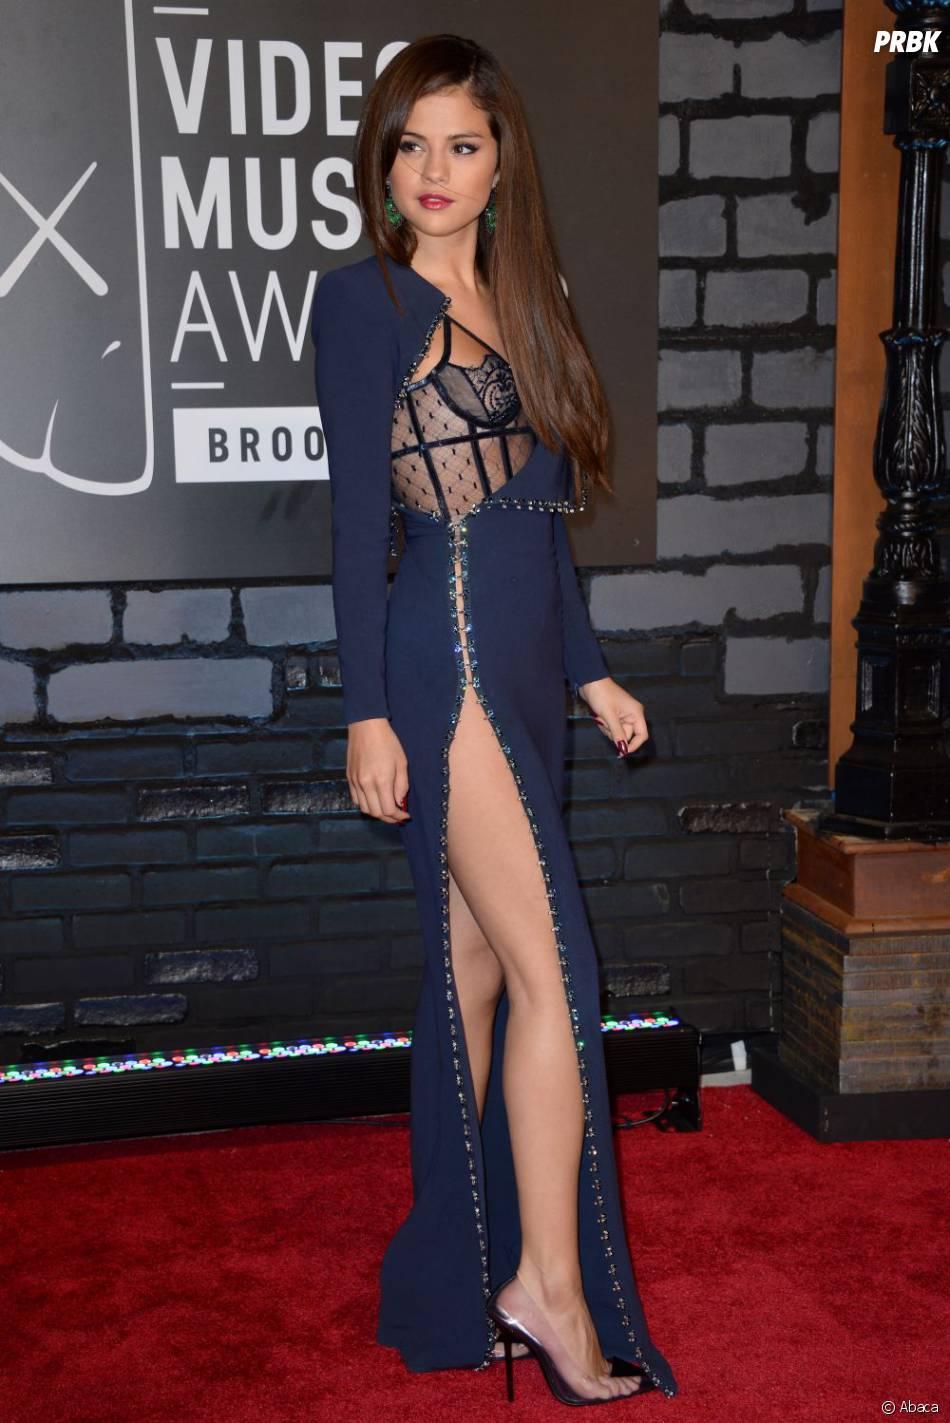 Selena Gomez en transparence sur le tapis-rouge des MTV VMA 2013, le 25 août 2013